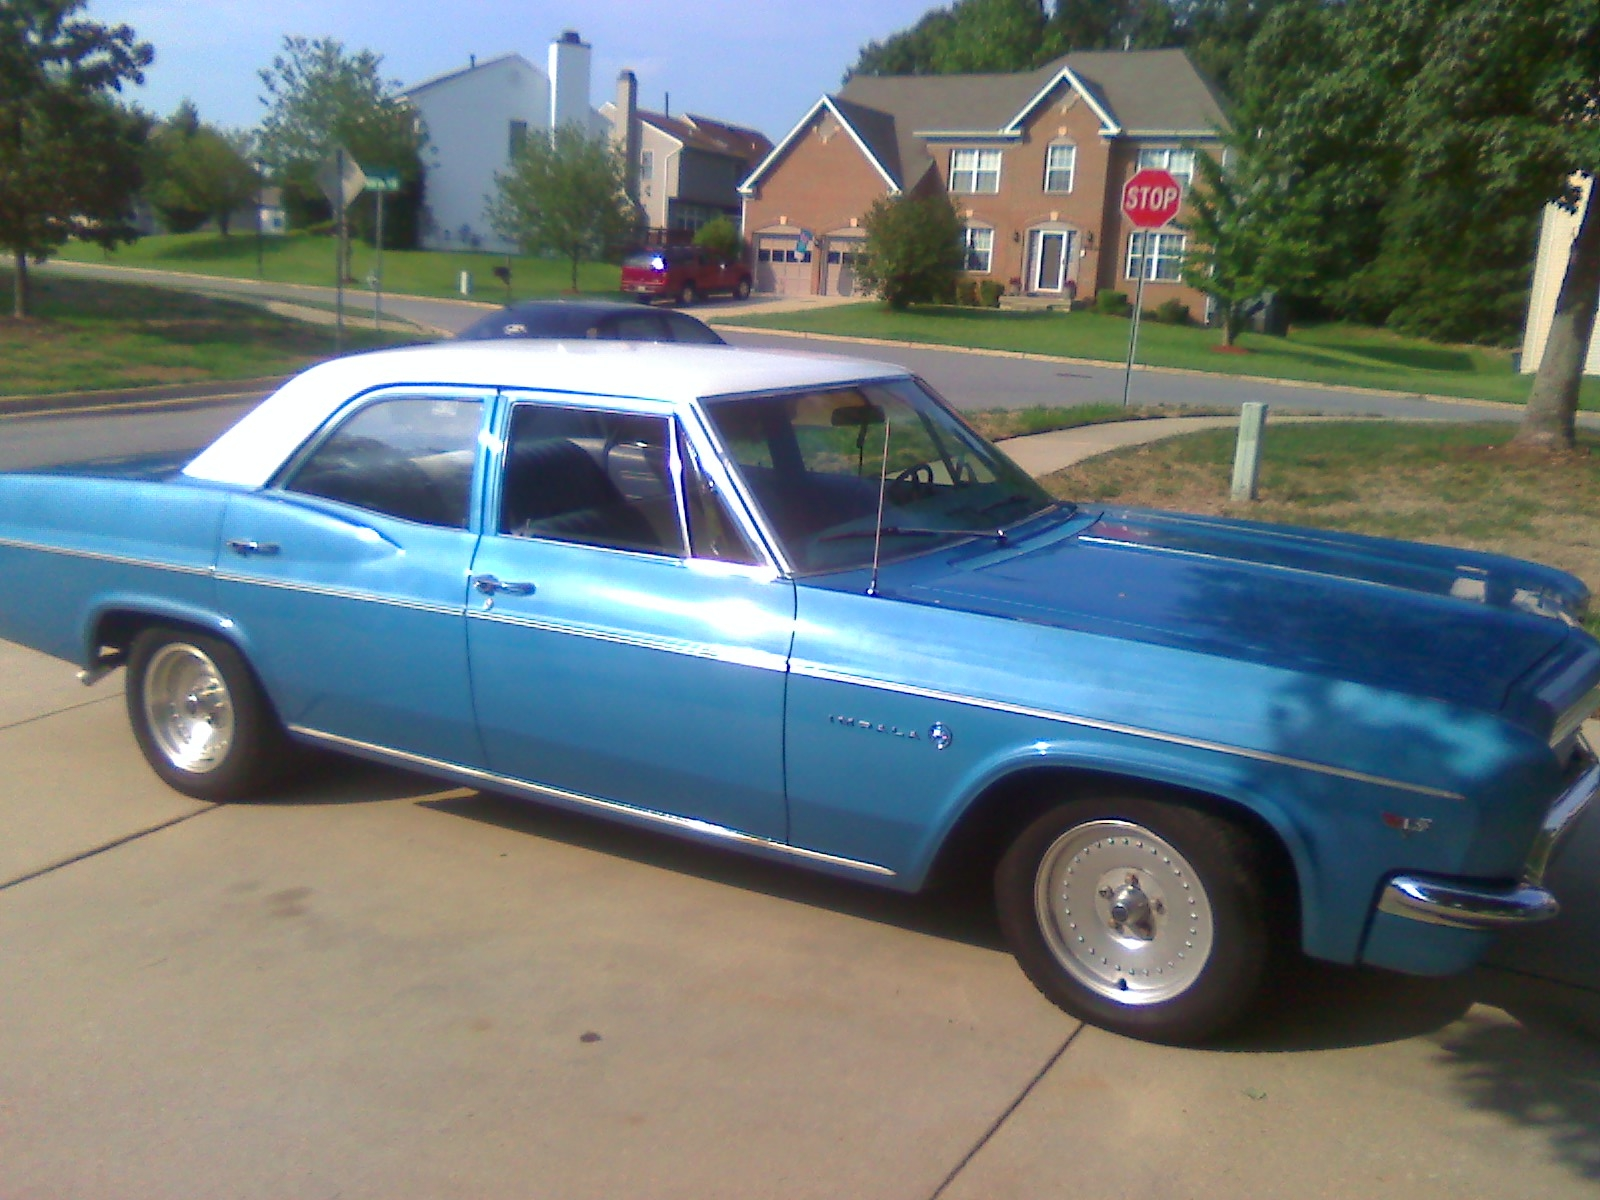 1966 Chevrolet Impala Exterior Pictures Cargurus